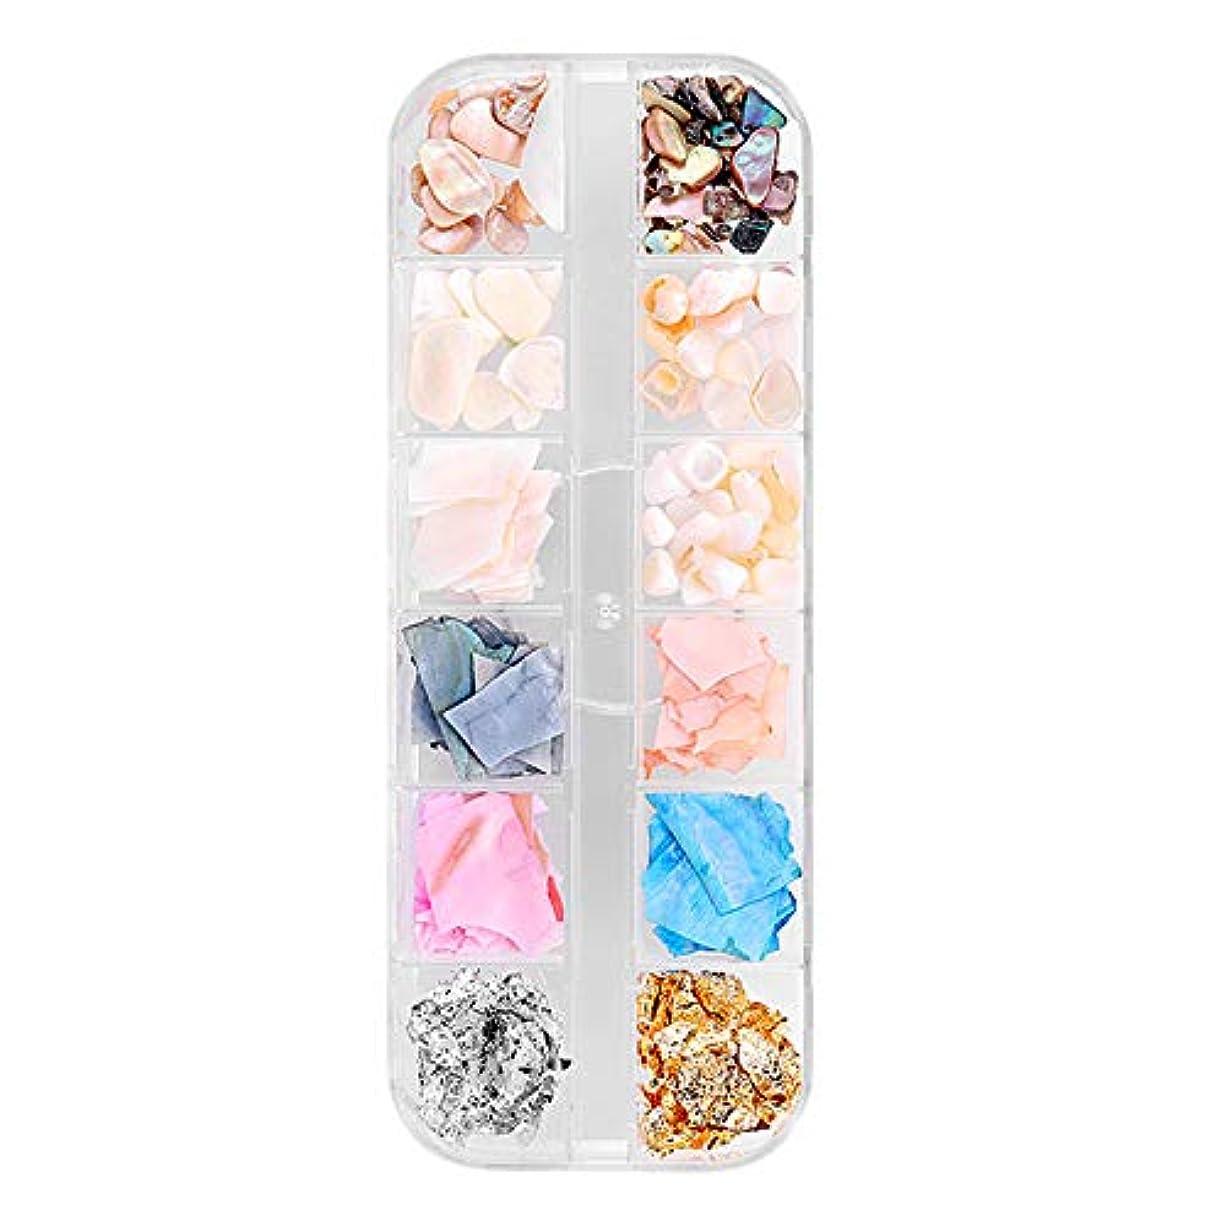 知的シェア毎年TOOGOO 12色/ボックスシェル砕石砂利フレークナチュラル壊れた3D美容マニキュアDIYのネイルアートデコレーション女性のファッション02